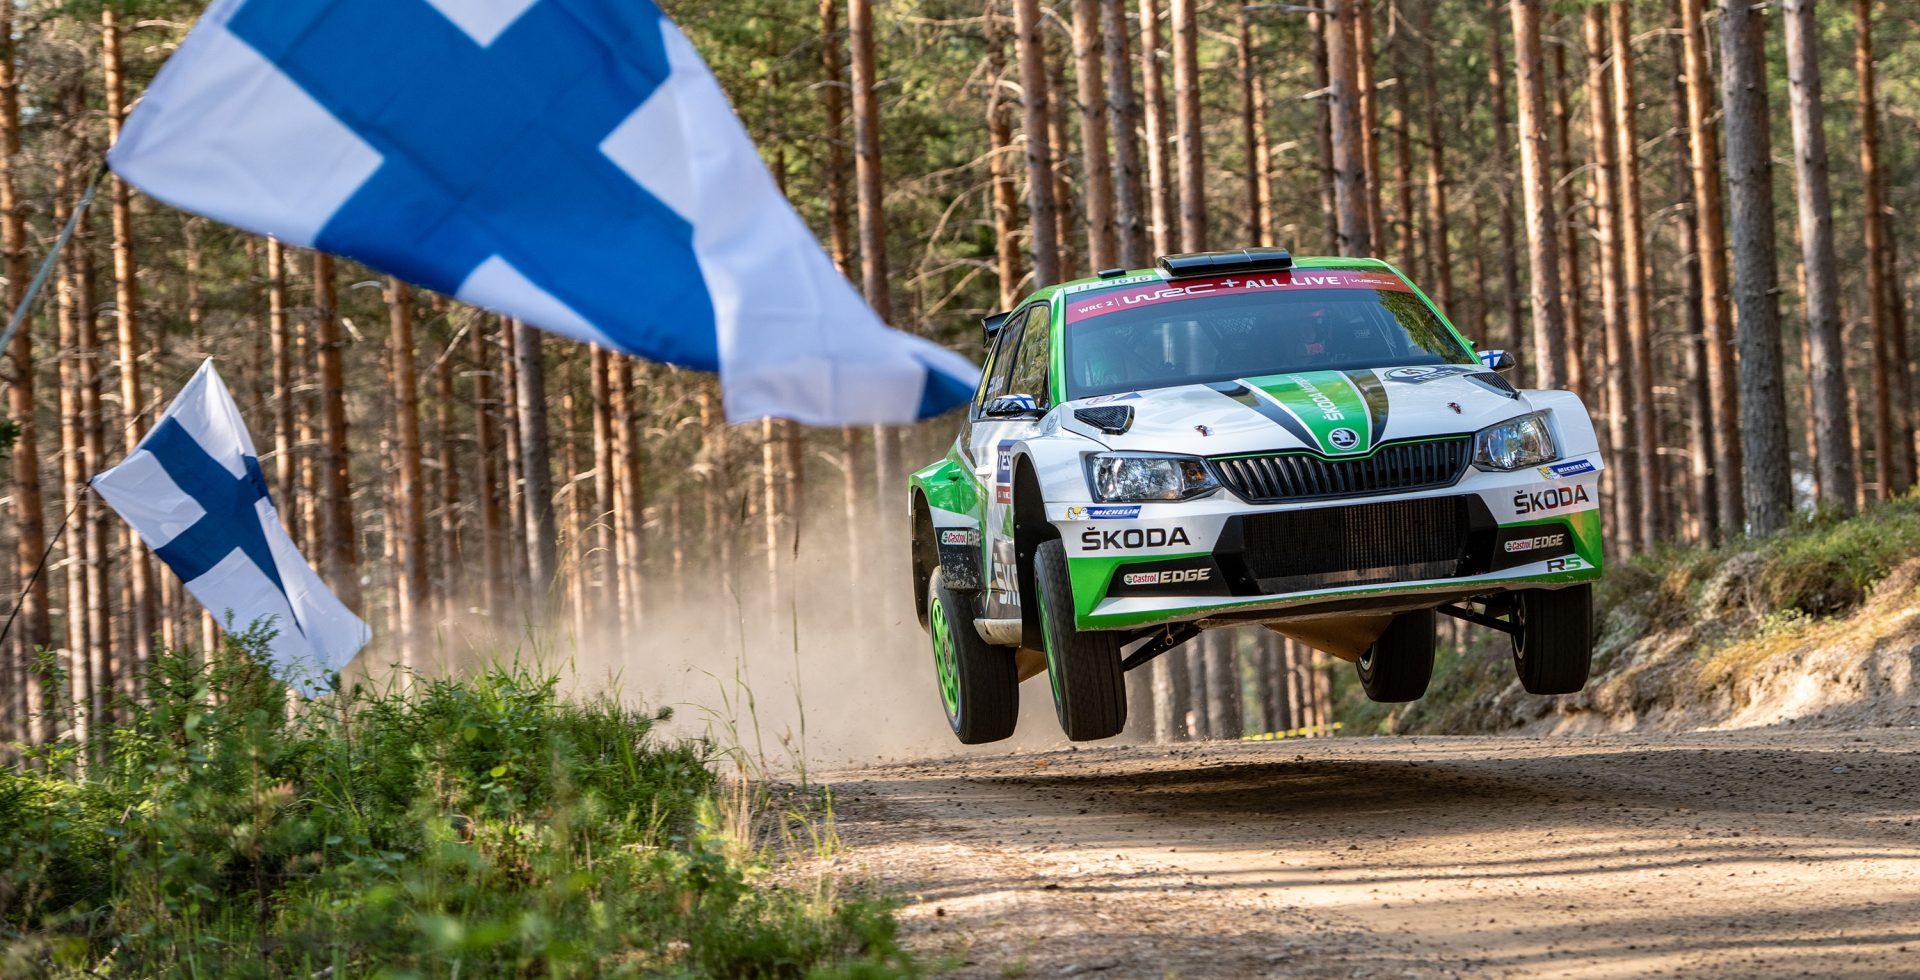 Začíná Finská rallye, nejrychlejší ze všech